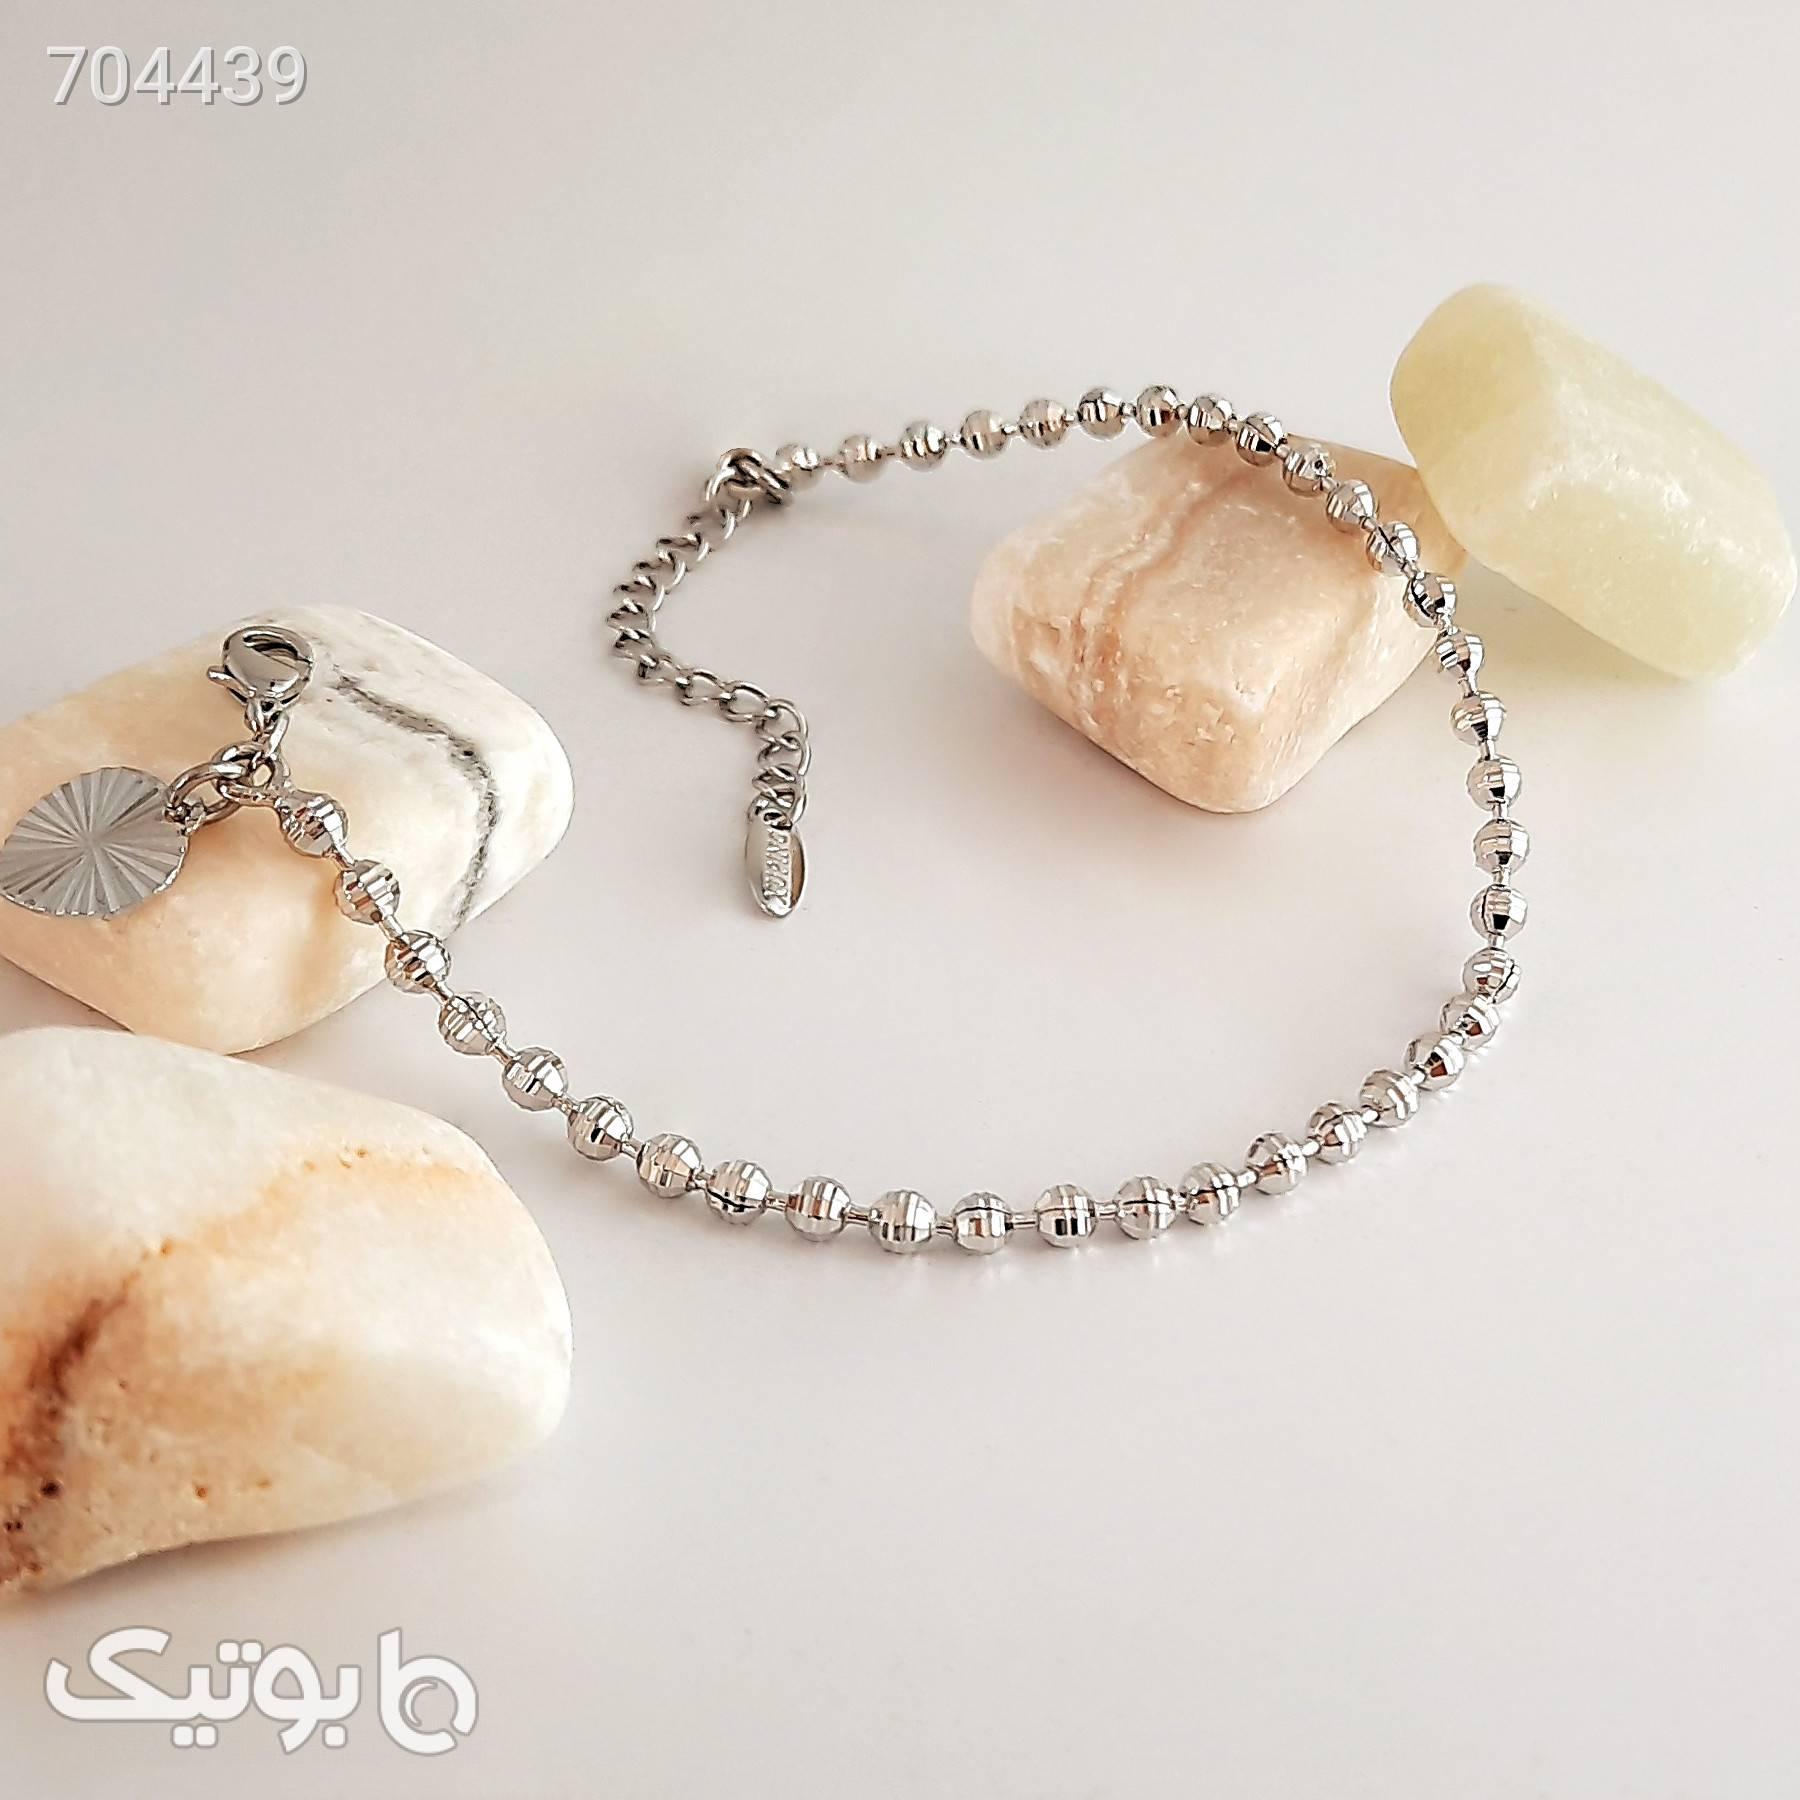 دستبند زنانه ژوپینگ کد XP269 نقره ای دستبند و پابند